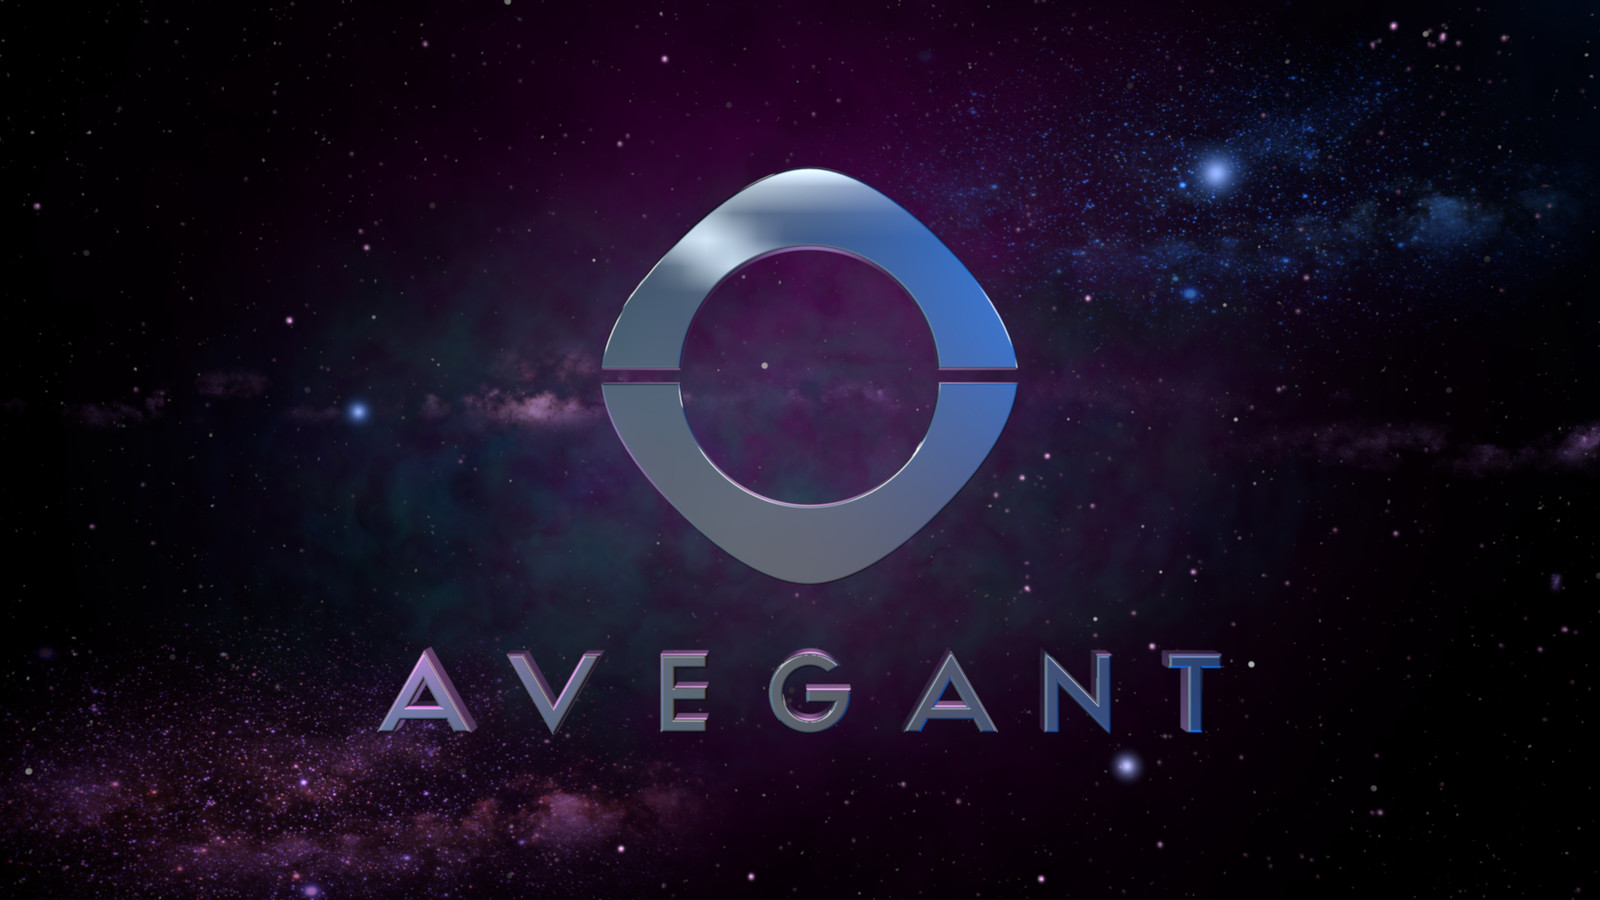 Avegant logo